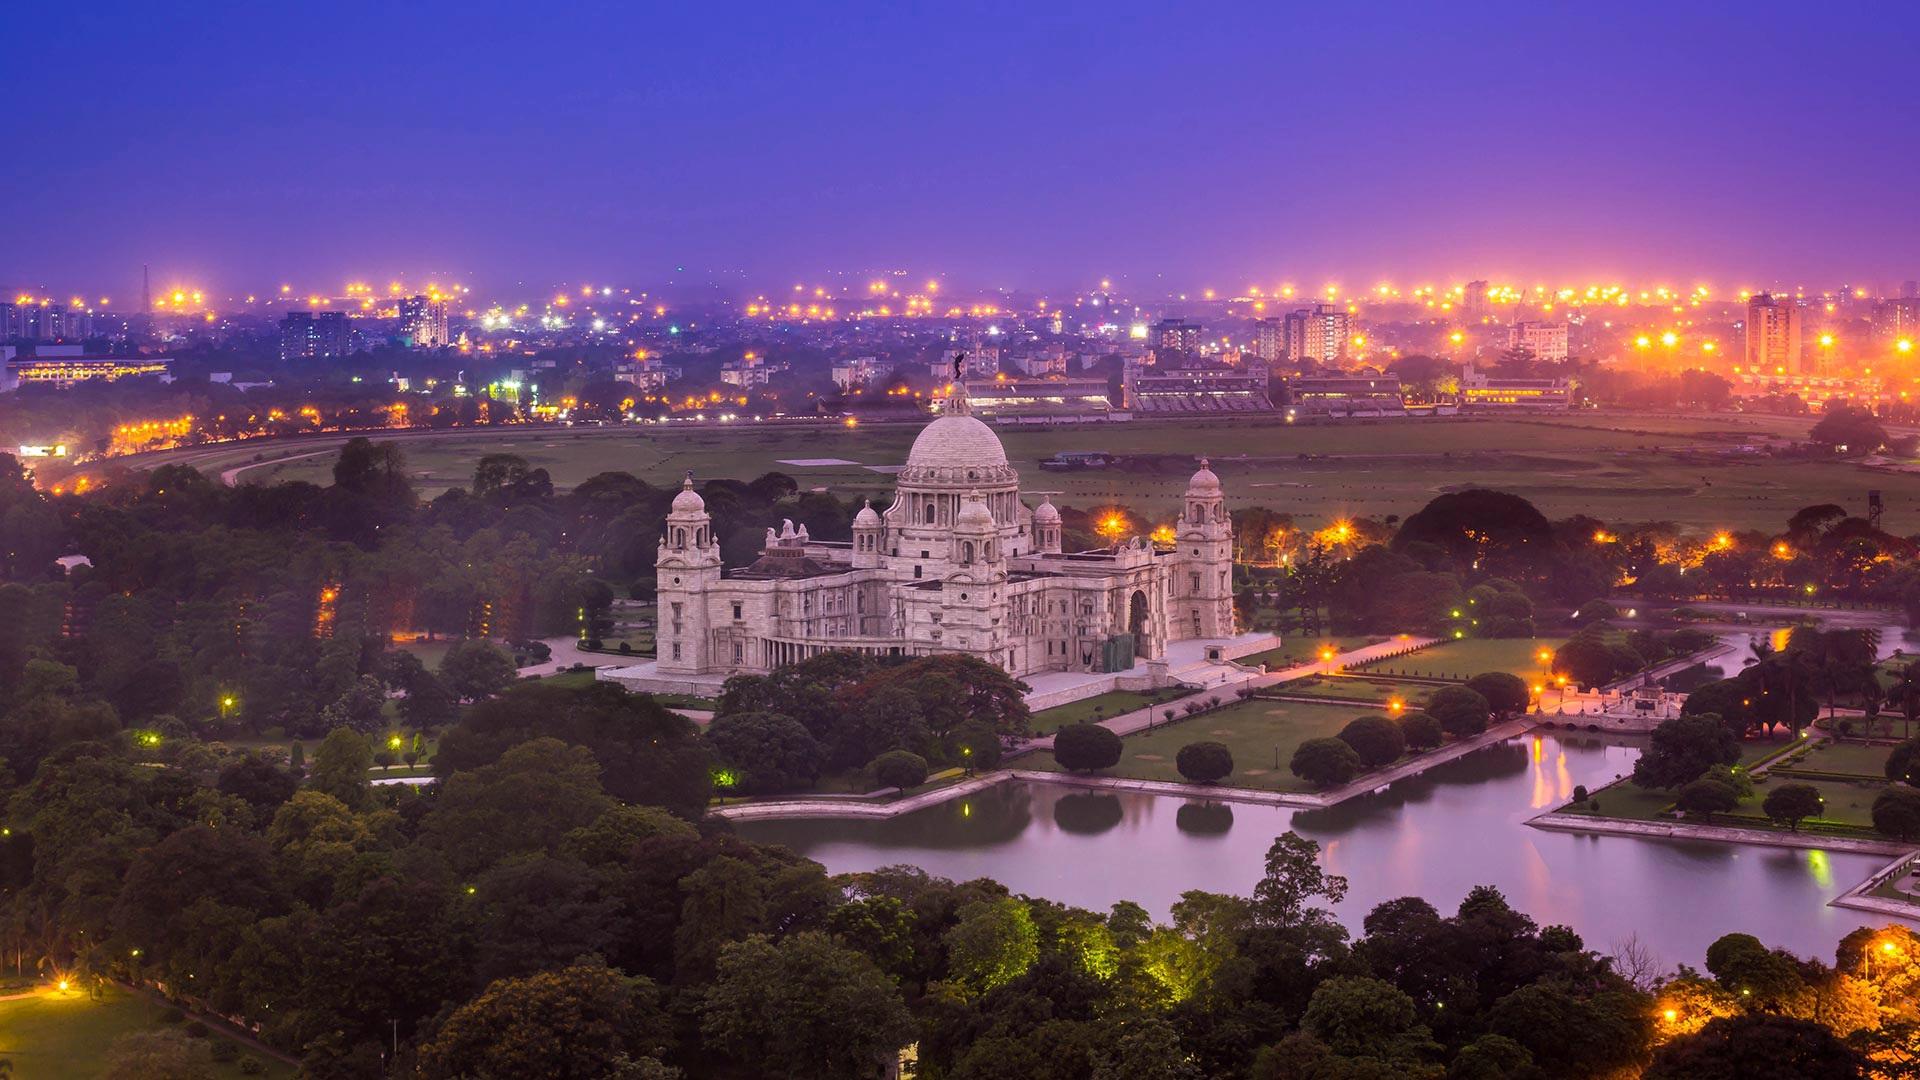 wallpaper india, victoria memorial, kolkata, west bengal, night